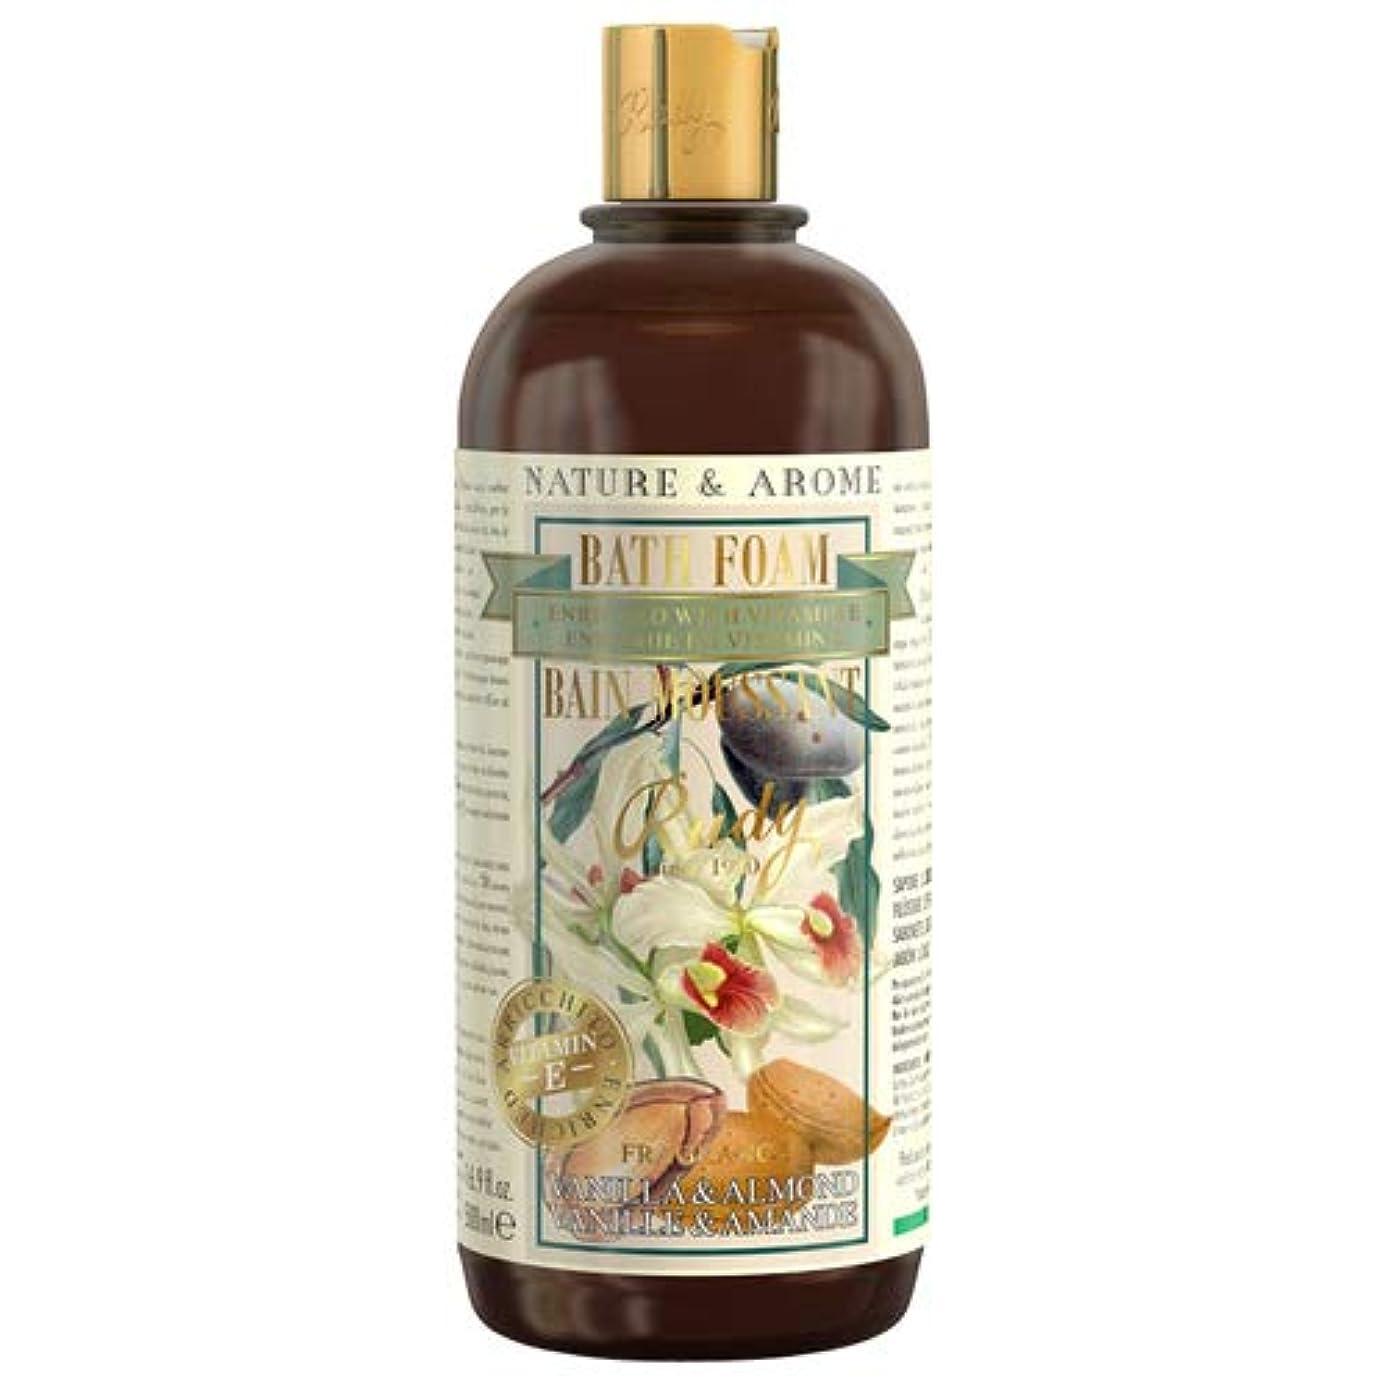 名前で反論栄養RUDY Nature&Arome Apothecary ネイチャーアロマ アポセカリー Bath & Shower Gel バス&シャワージェル Vanilla & Almond バニラ&アーモンド